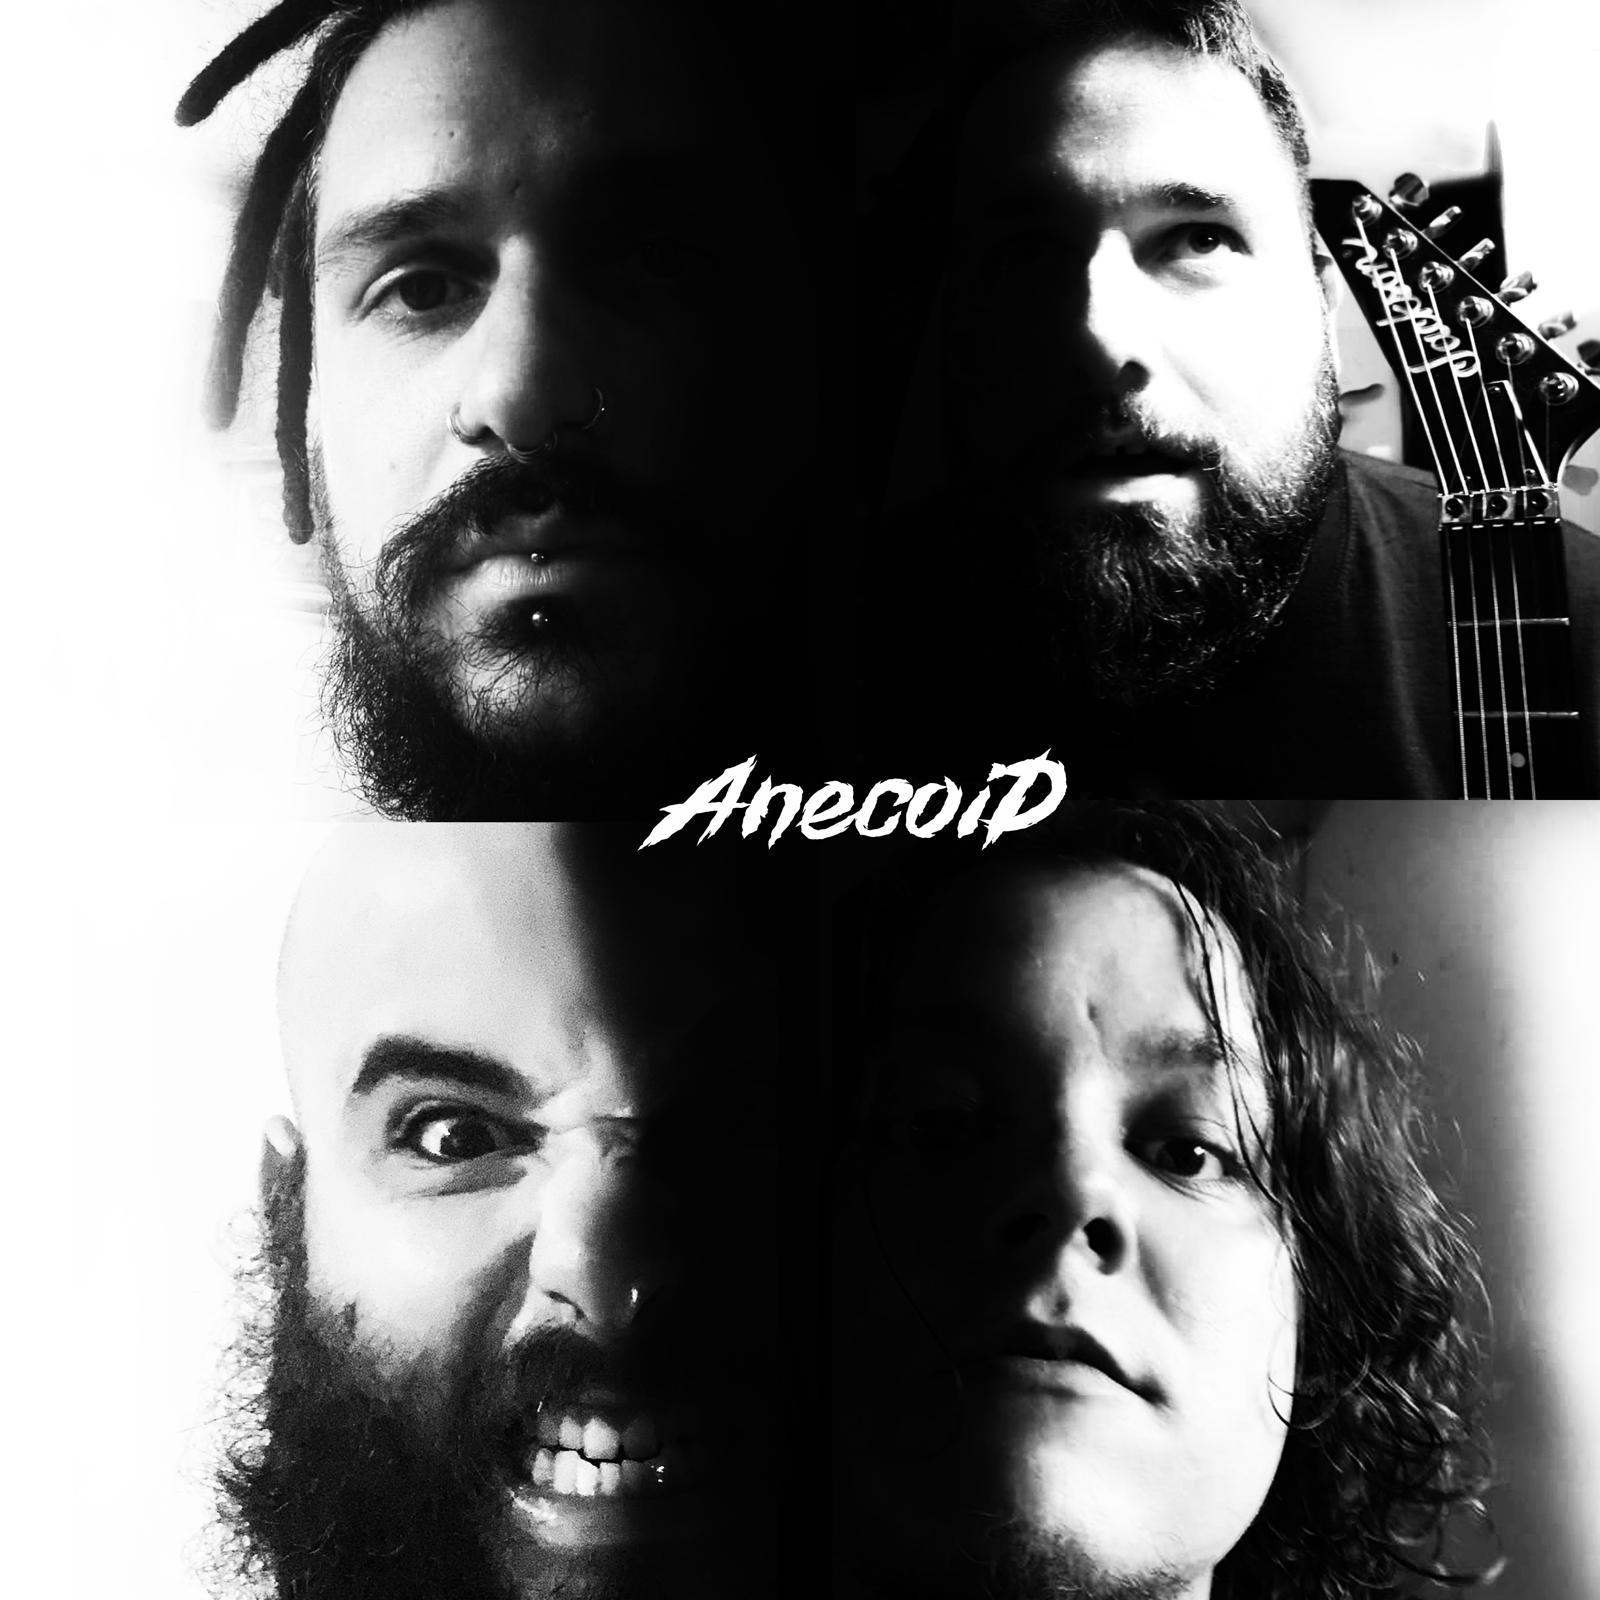 Anecoid